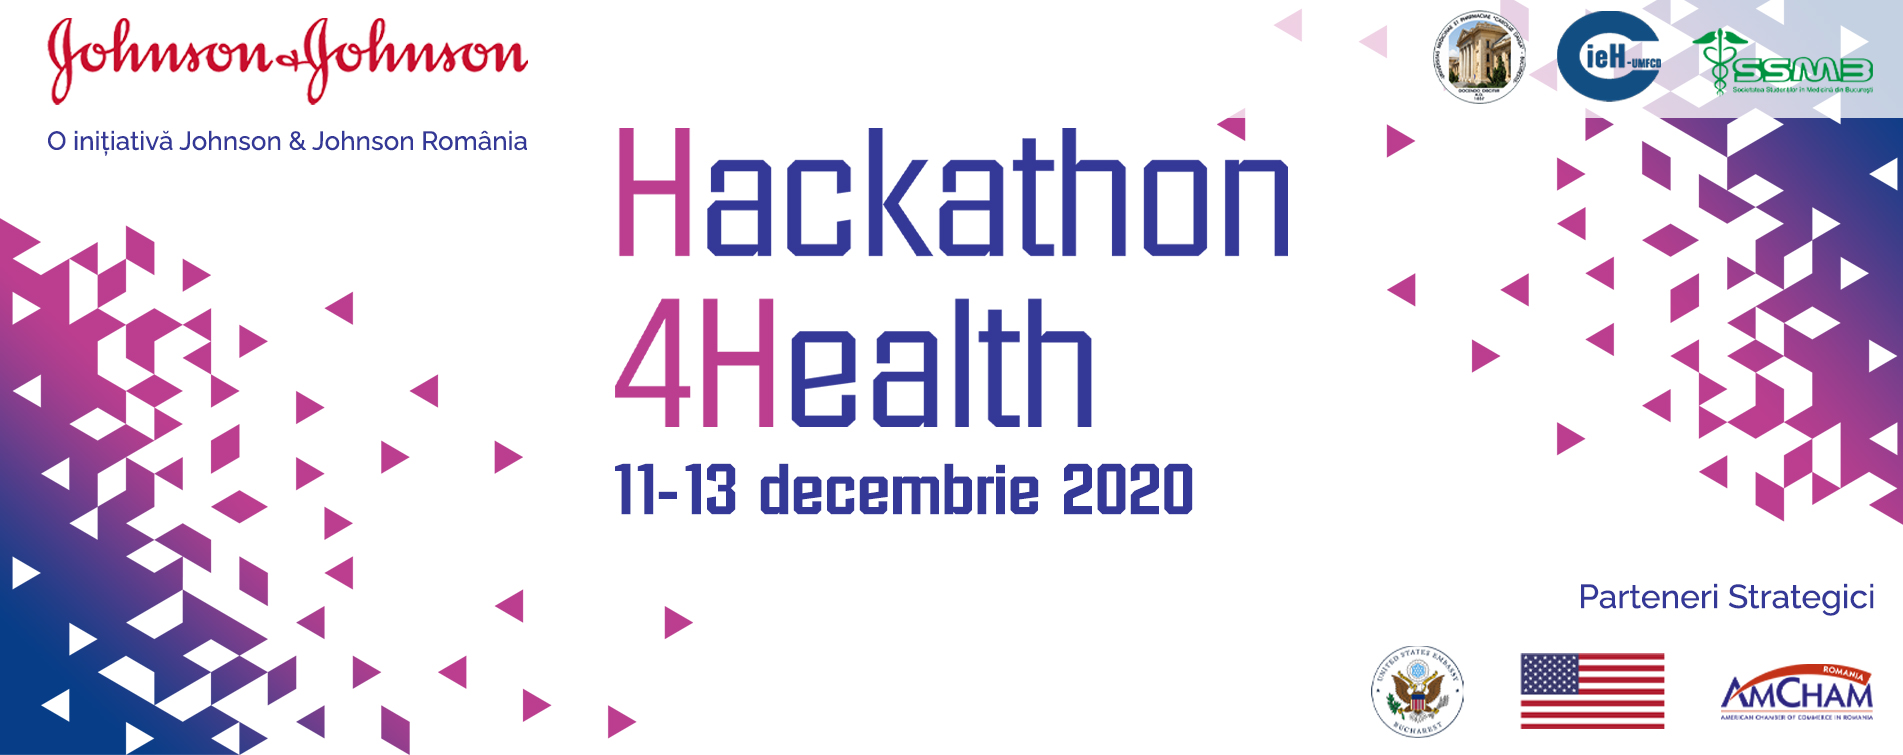 Hackathon4Health 2020, a patra ediție a hackathonului pe teme de sanatate